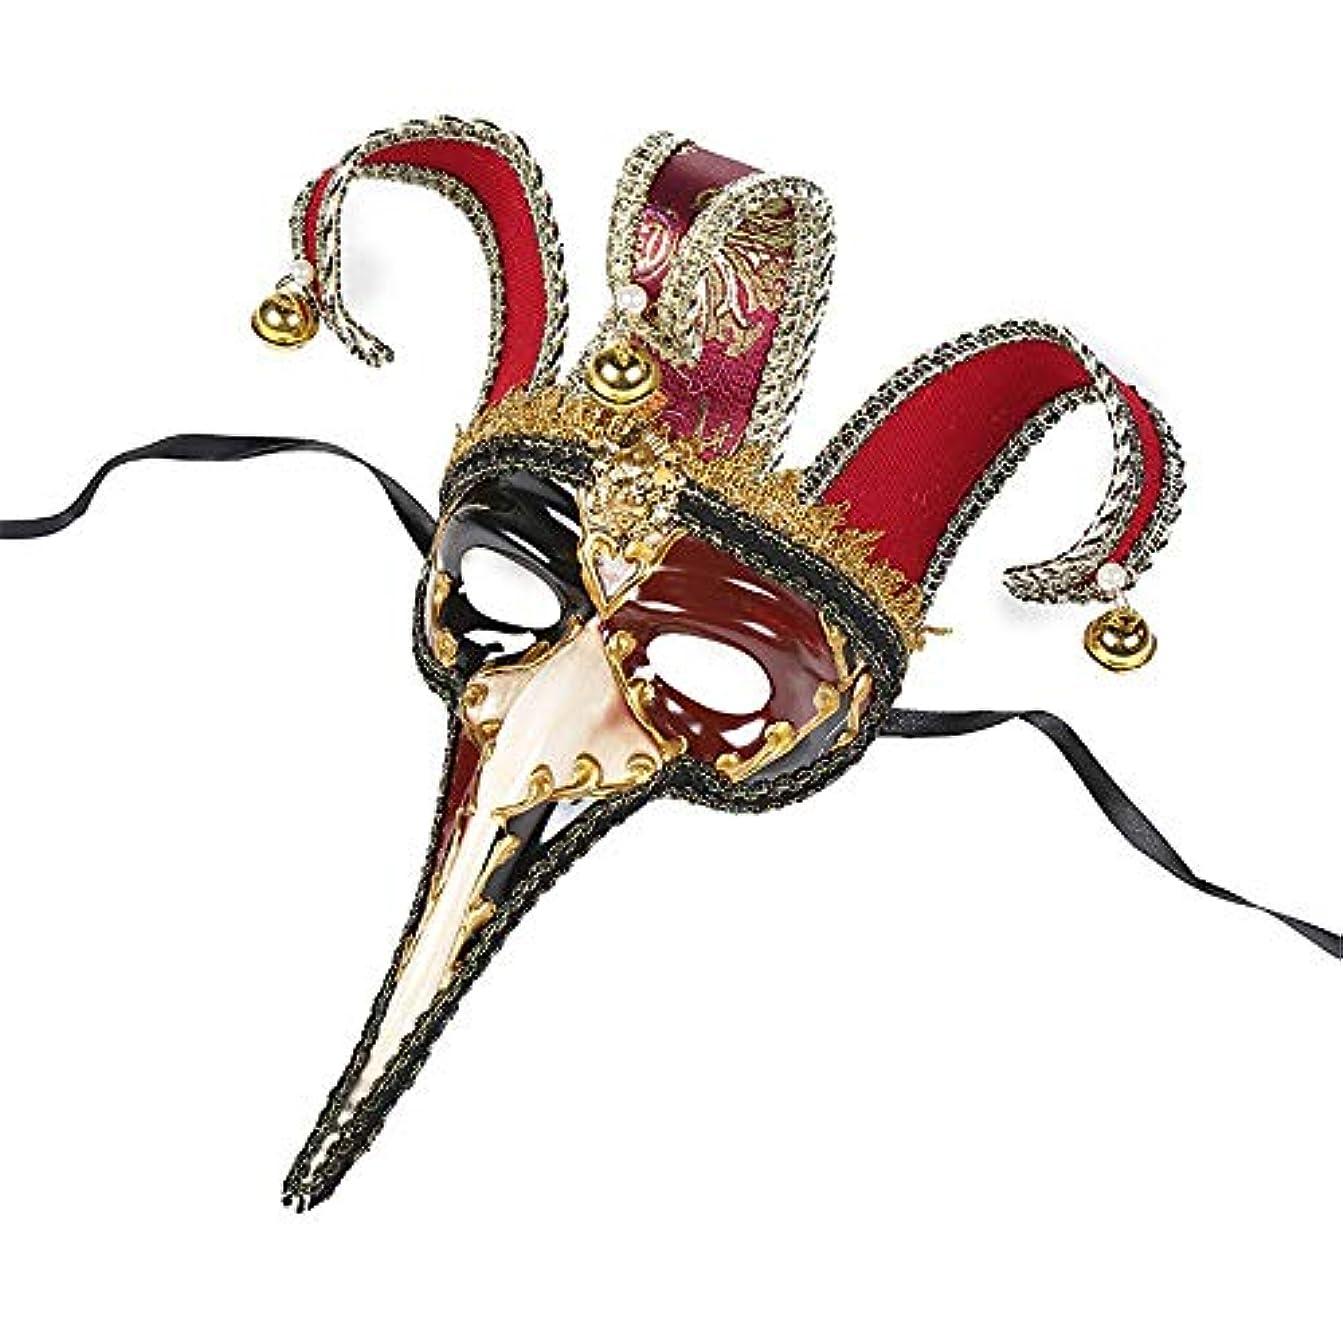 ストレスまたはどちらかポークダンスマスク ハーフフェイス鼻フラミンゴハロウィーン仮装雰囲気クリスマスフェスティバルロールプレイングプラスチックマスク ホリデーパーティー用品 (色 : 赤, サイズ : 42x15cm)